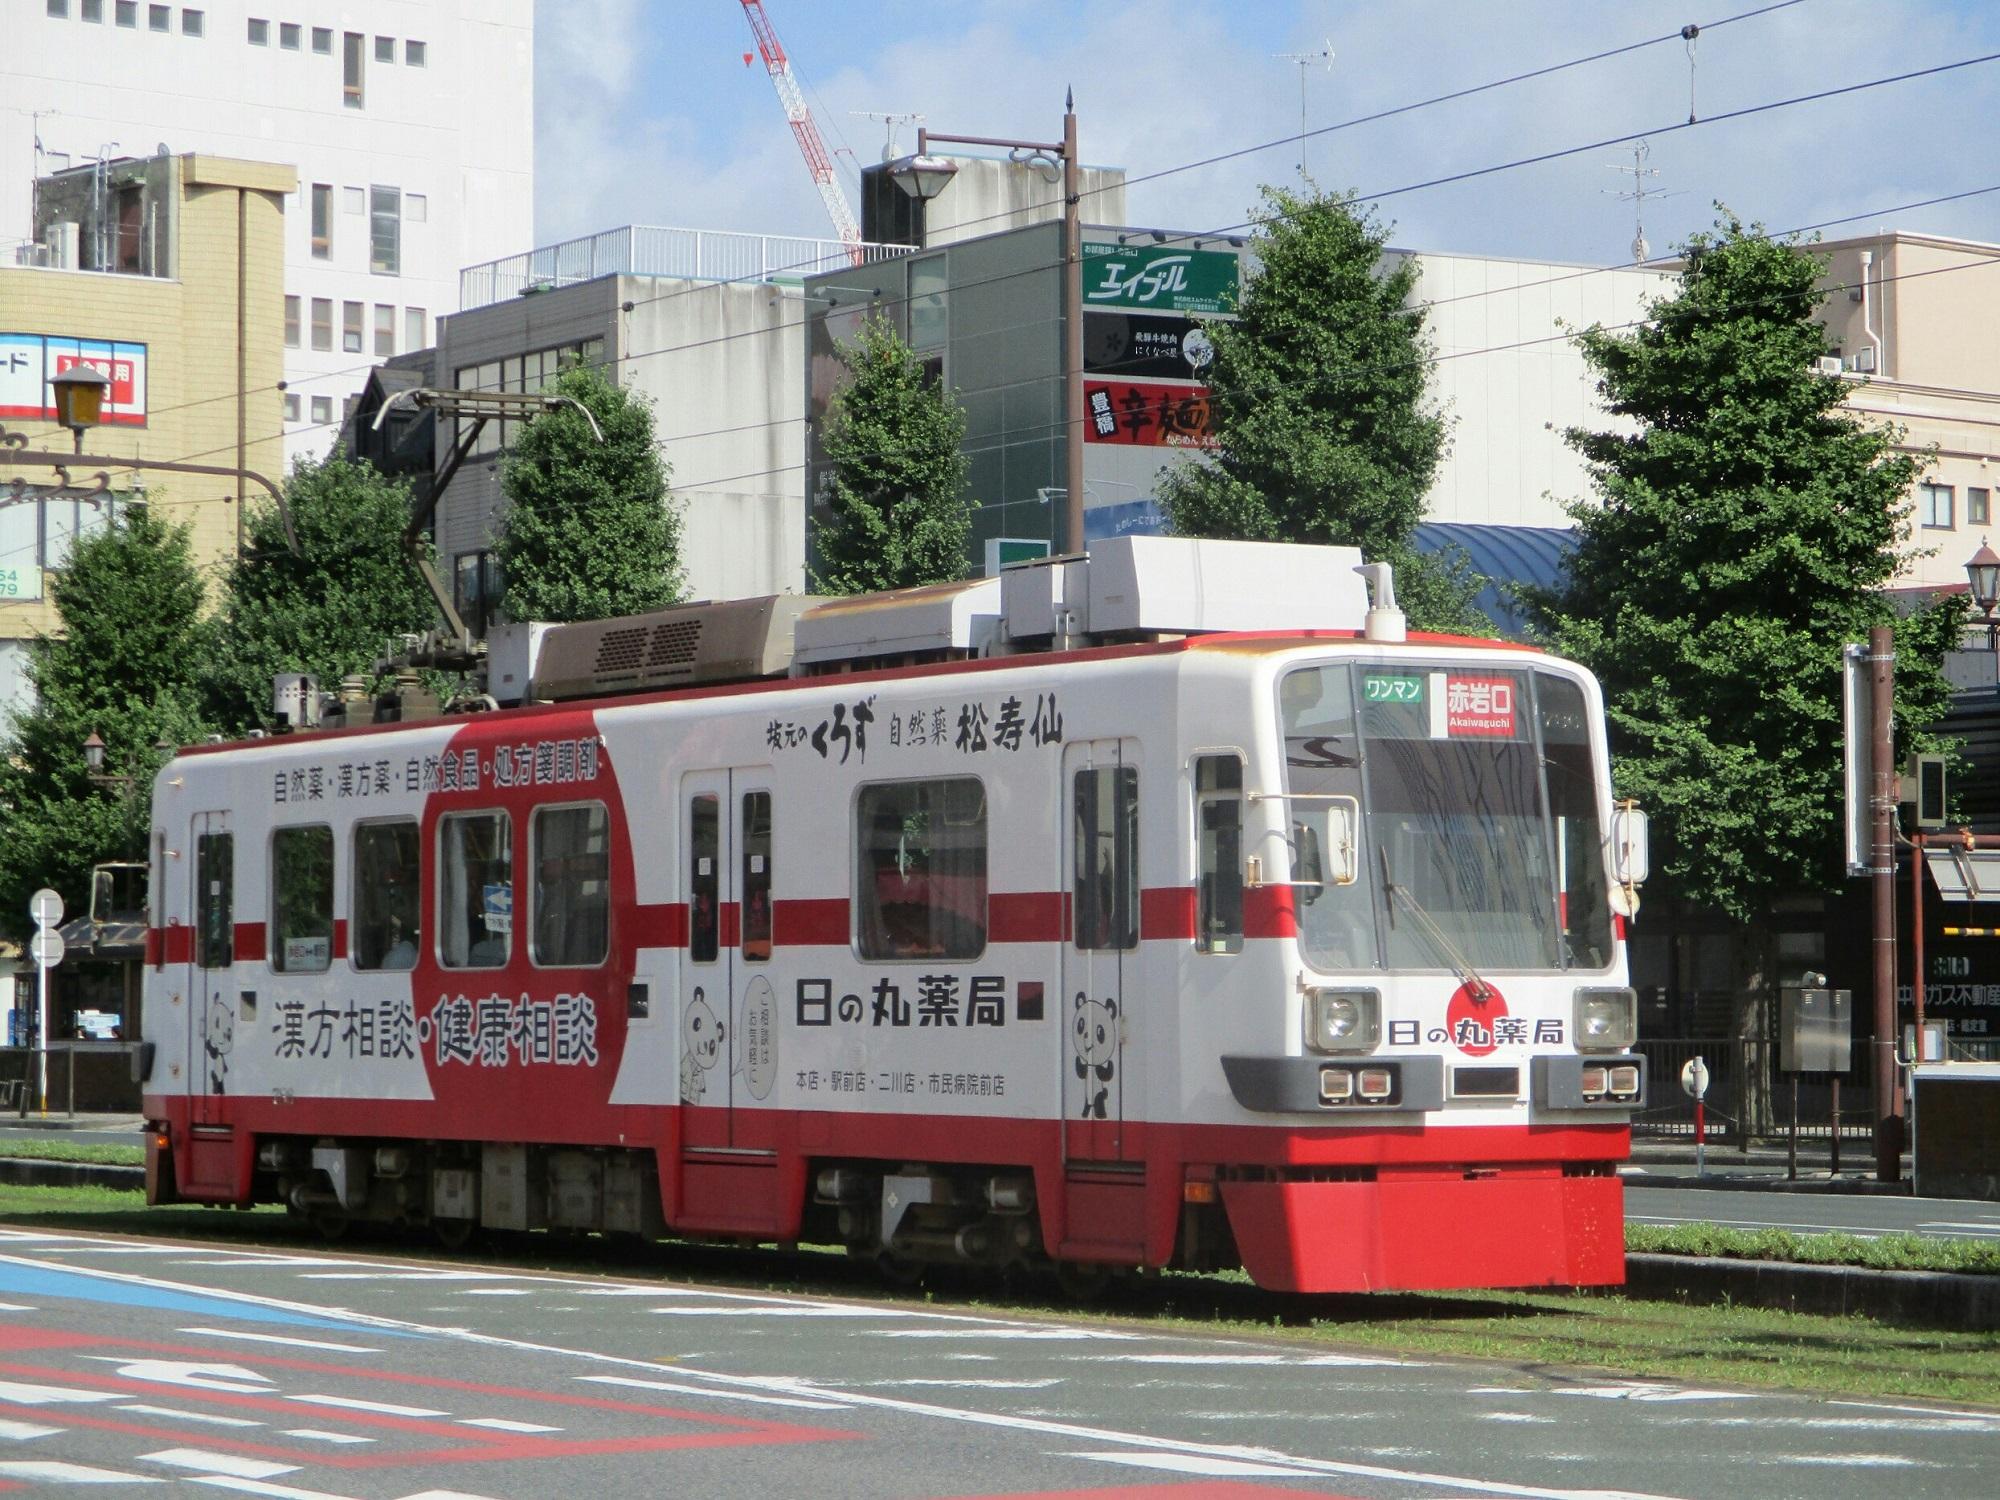 2018.7.1 豊橋 (12) 豊橋 - 市内電車(赤岩口いき) 2000-1500